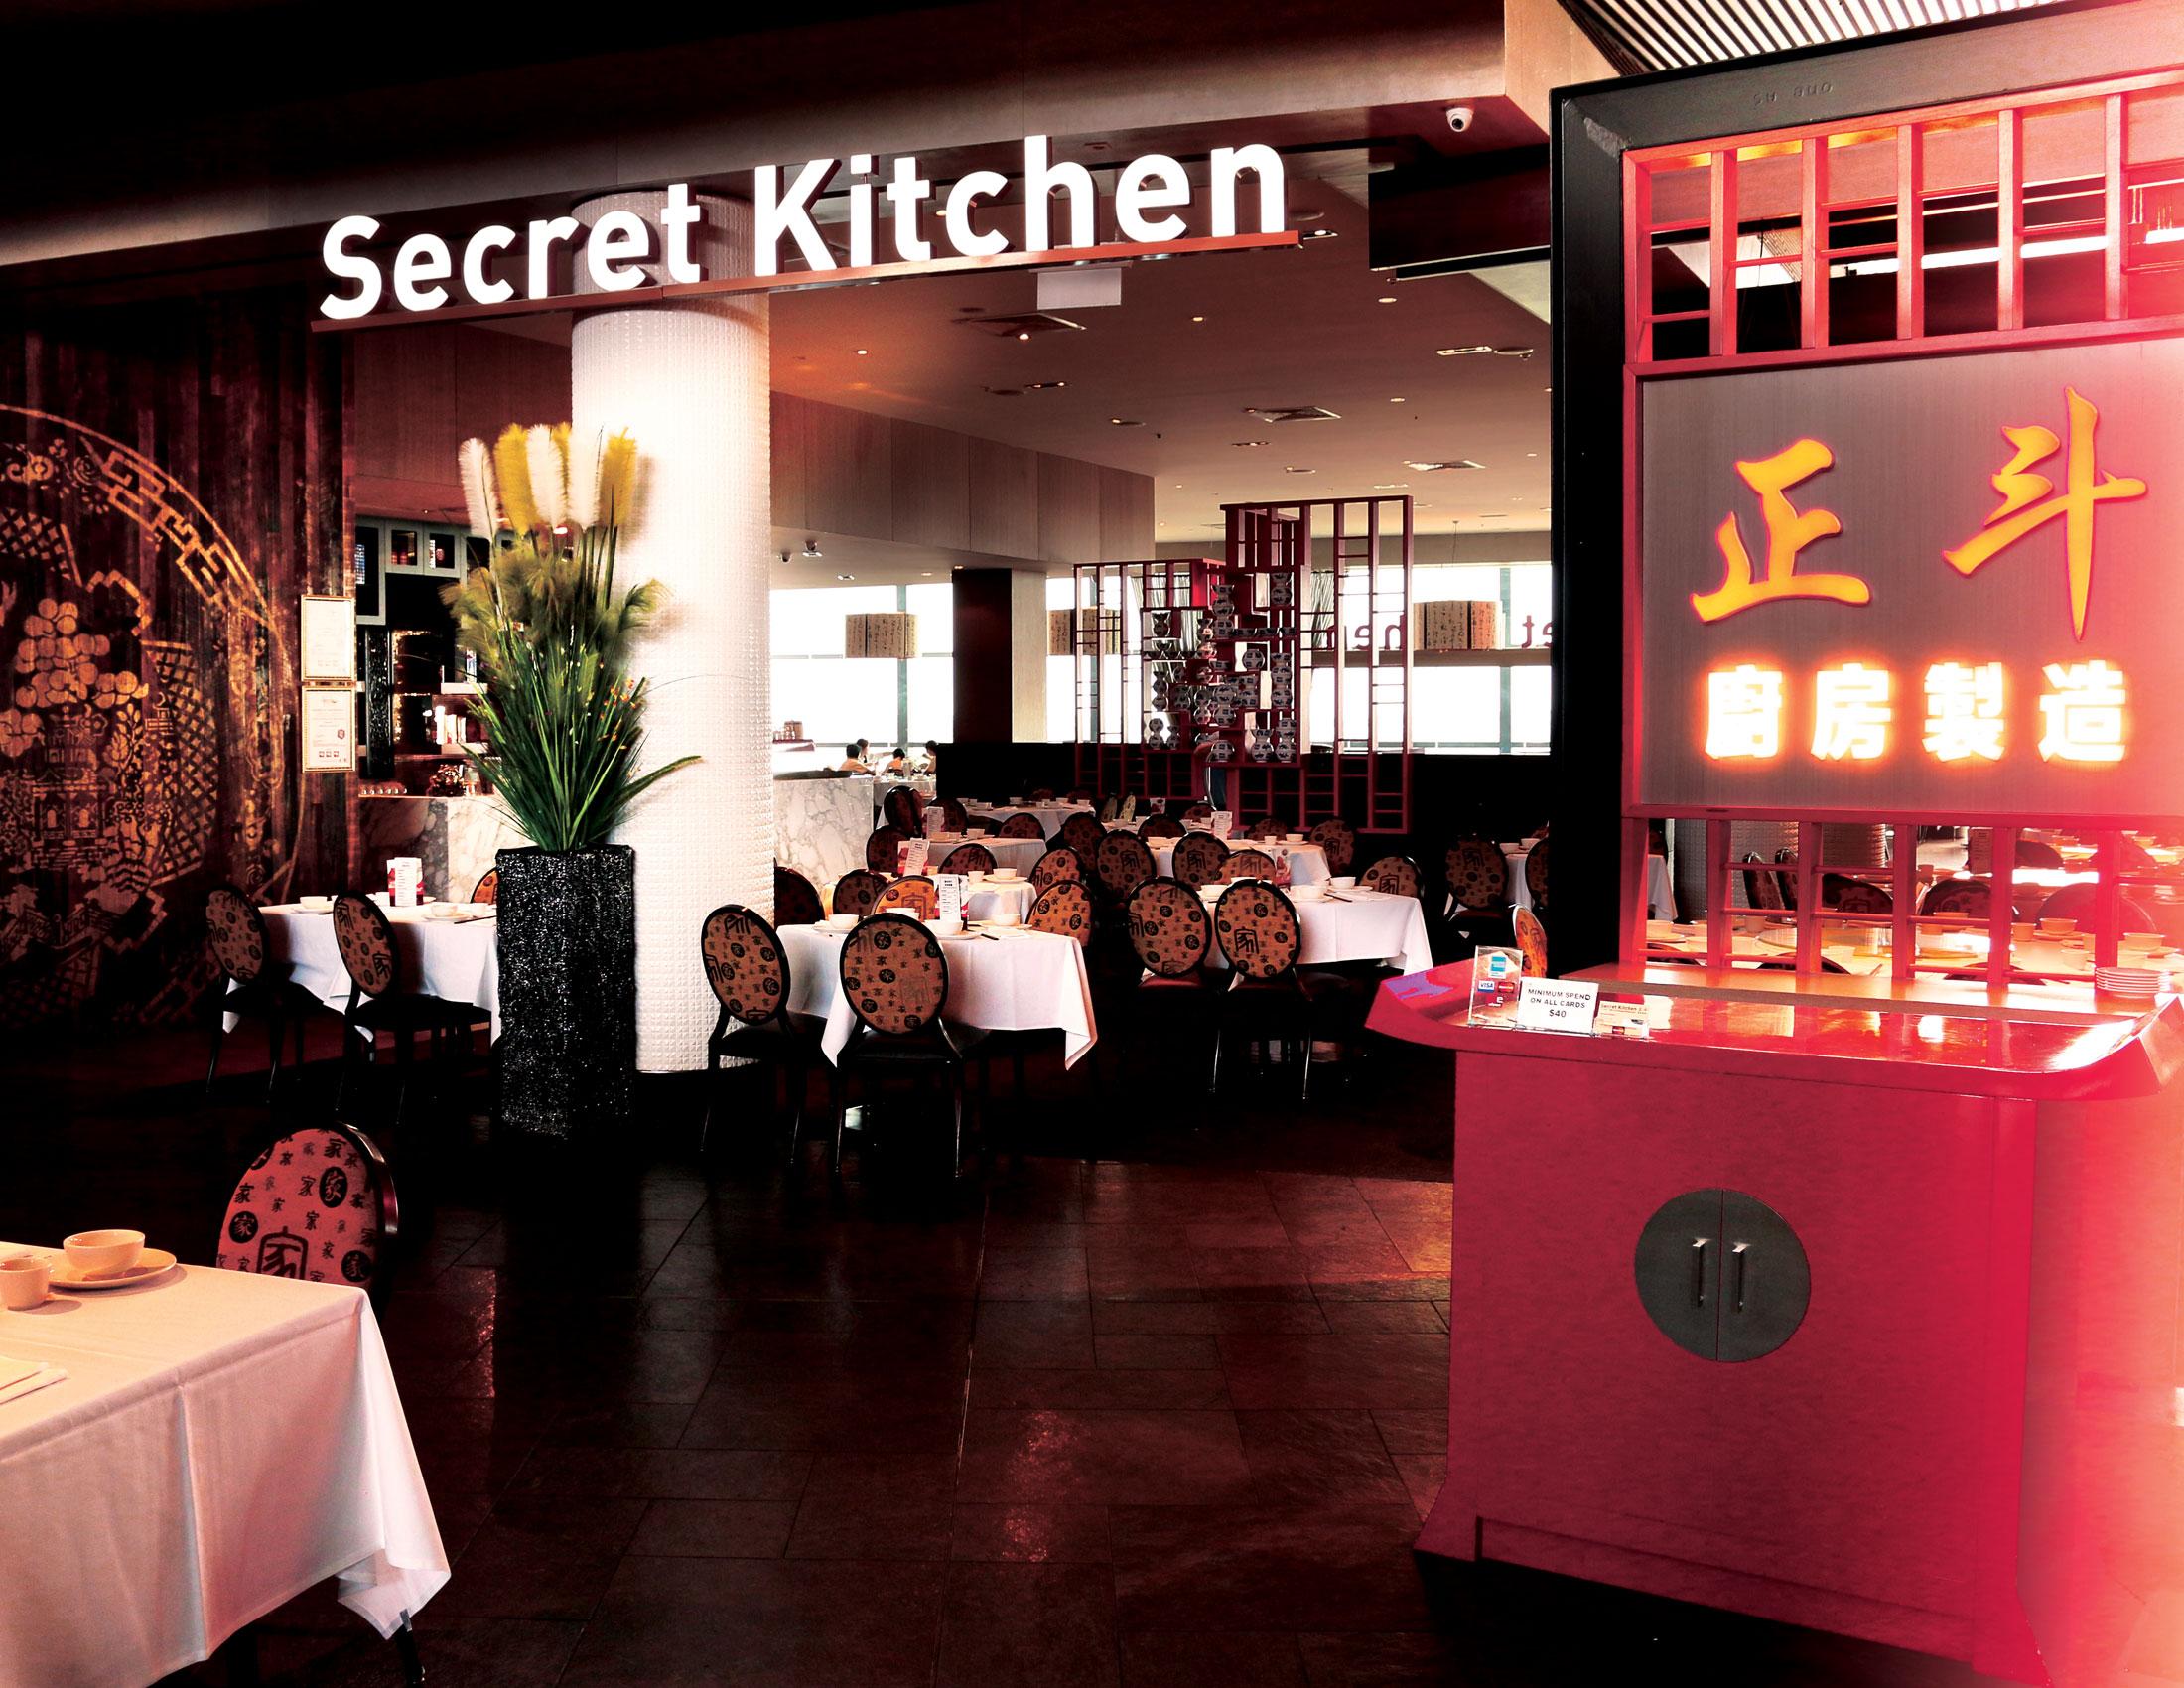 restaurant_skw_01-hd